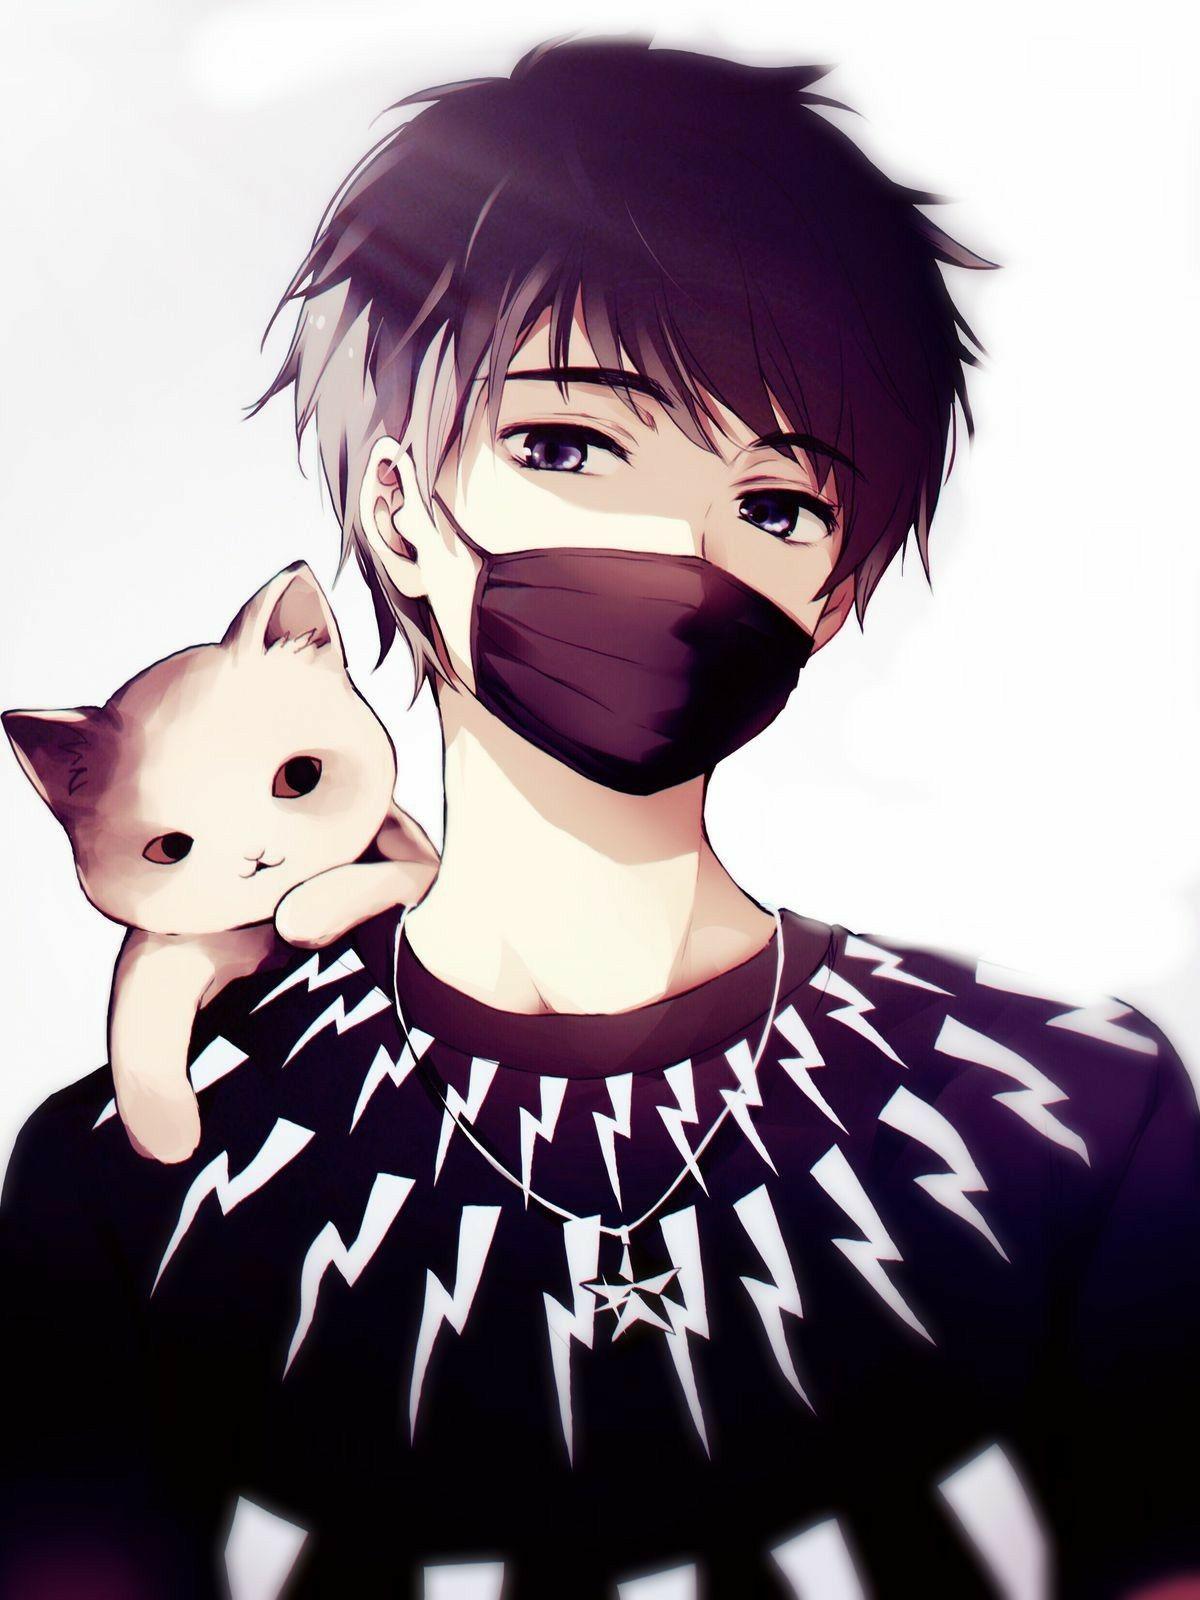 Những ảnh bts anime đẹp nhất